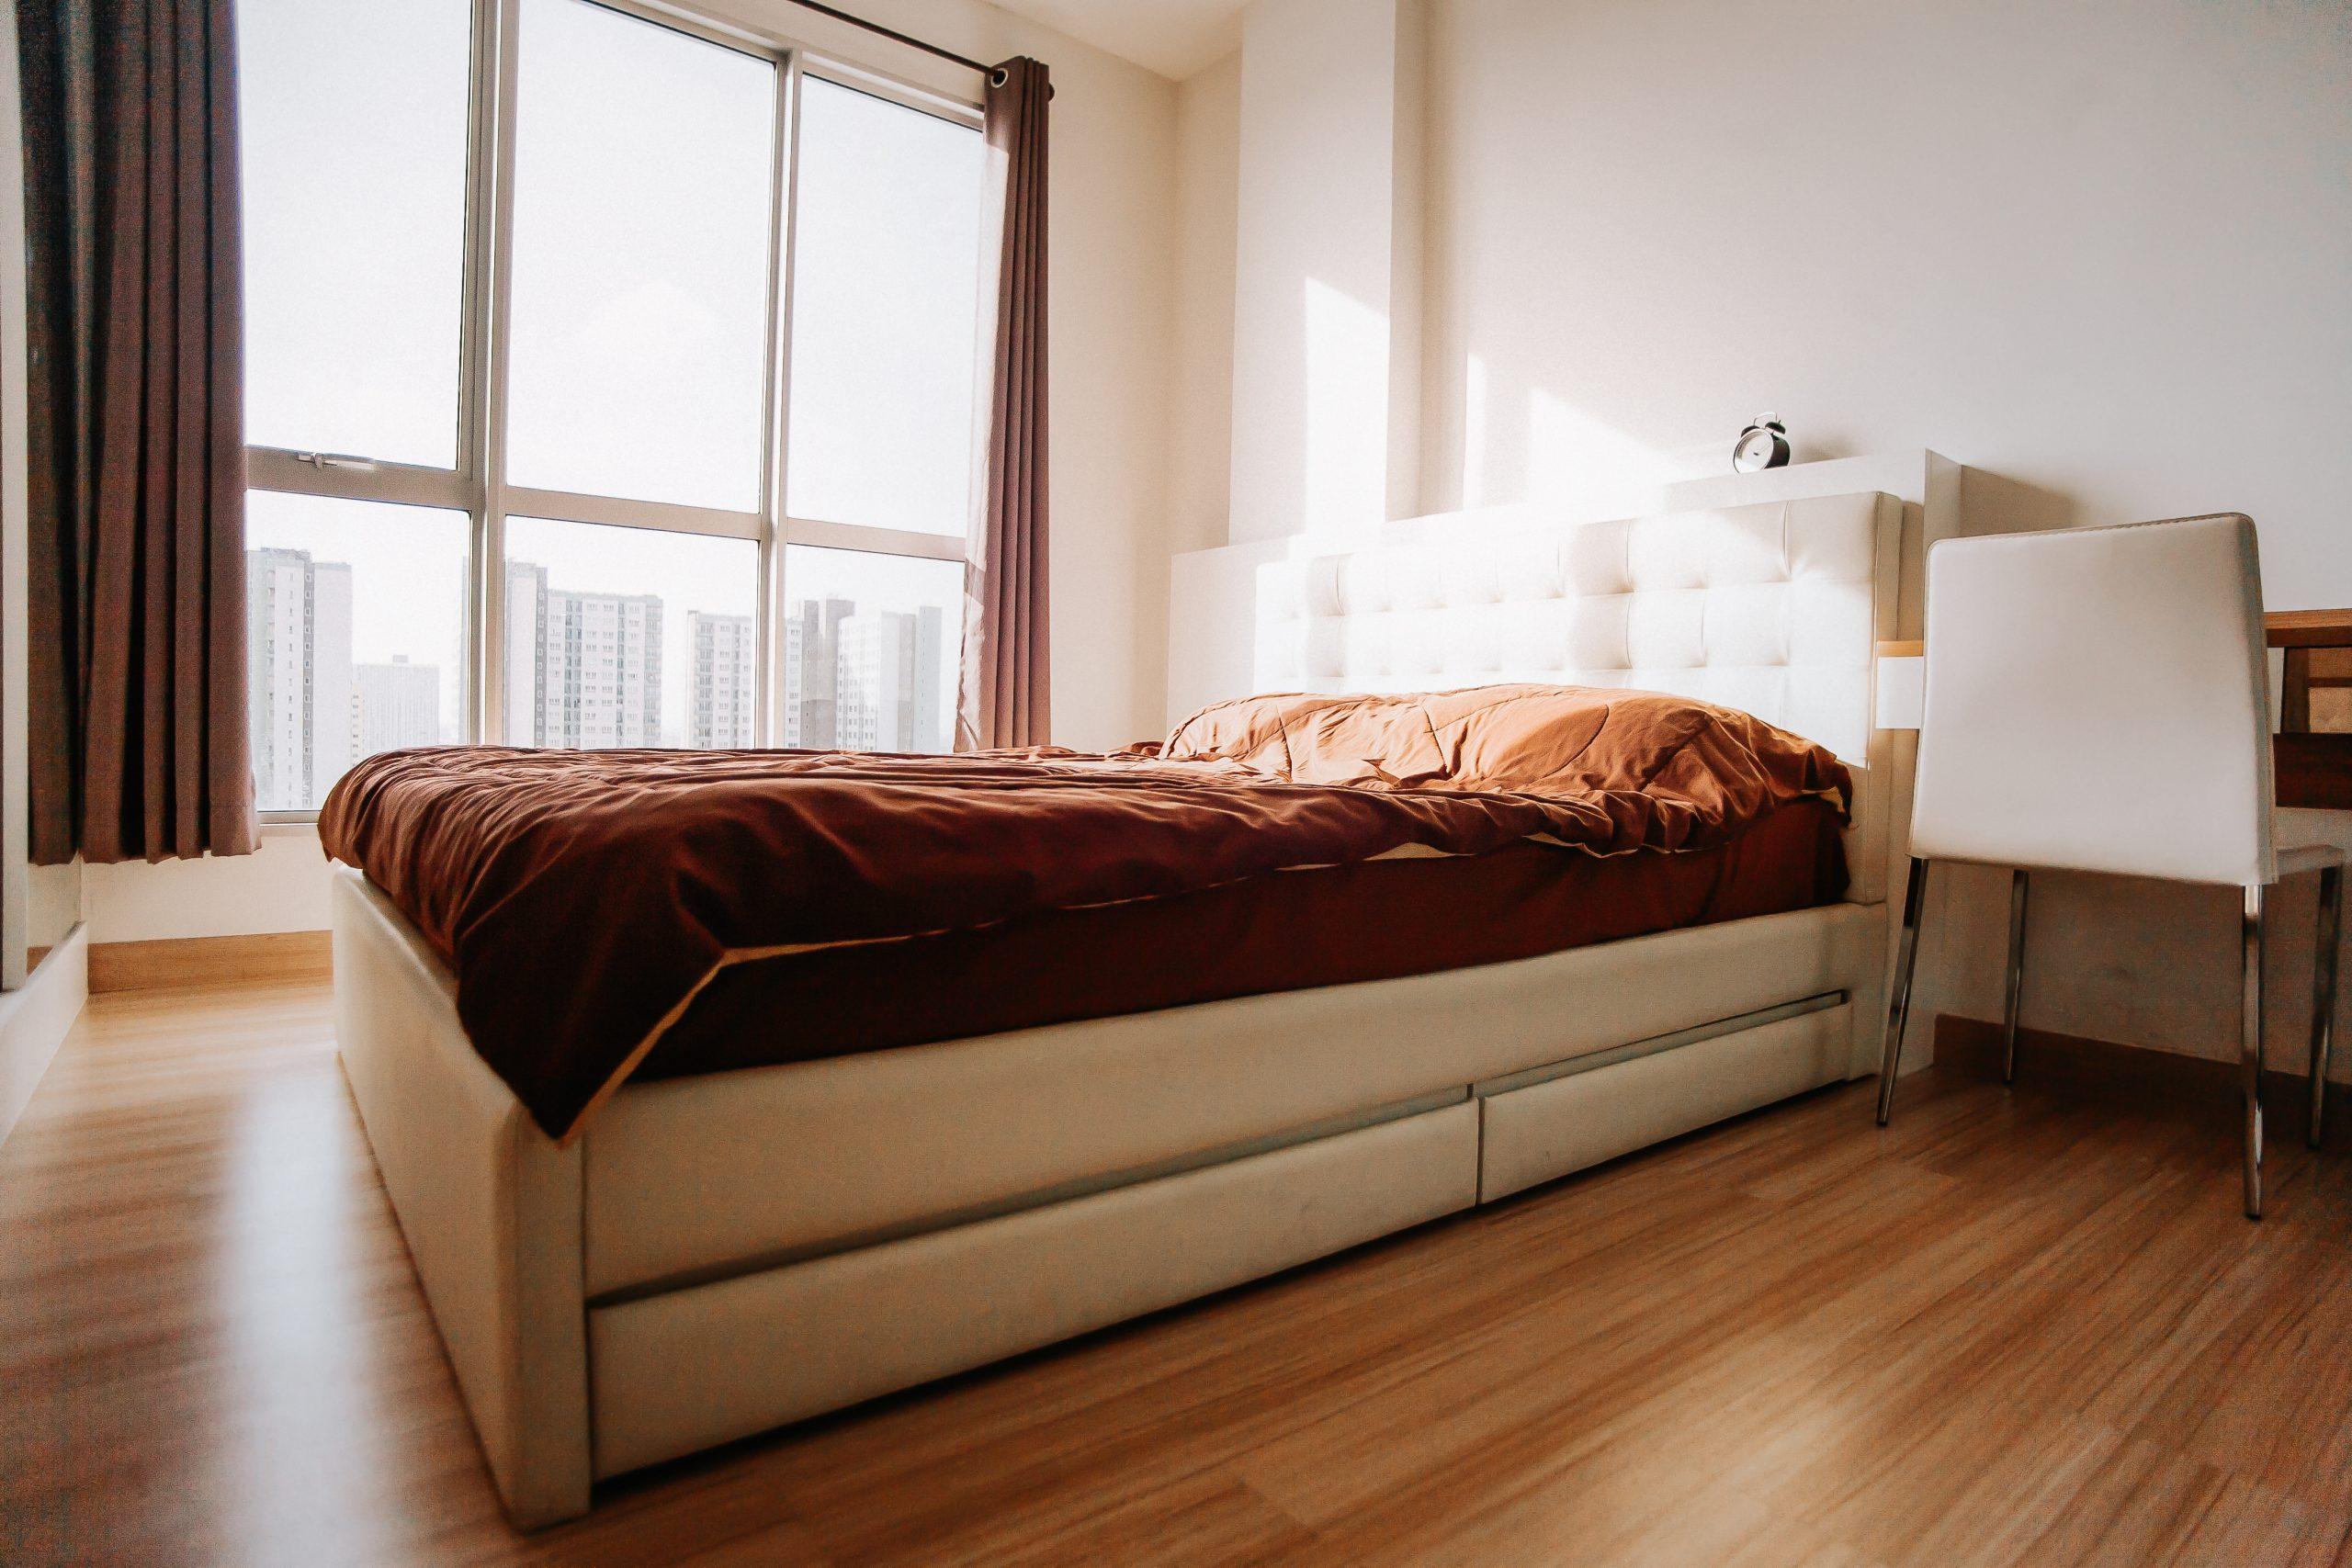 Luxury Bedroom in Hotel